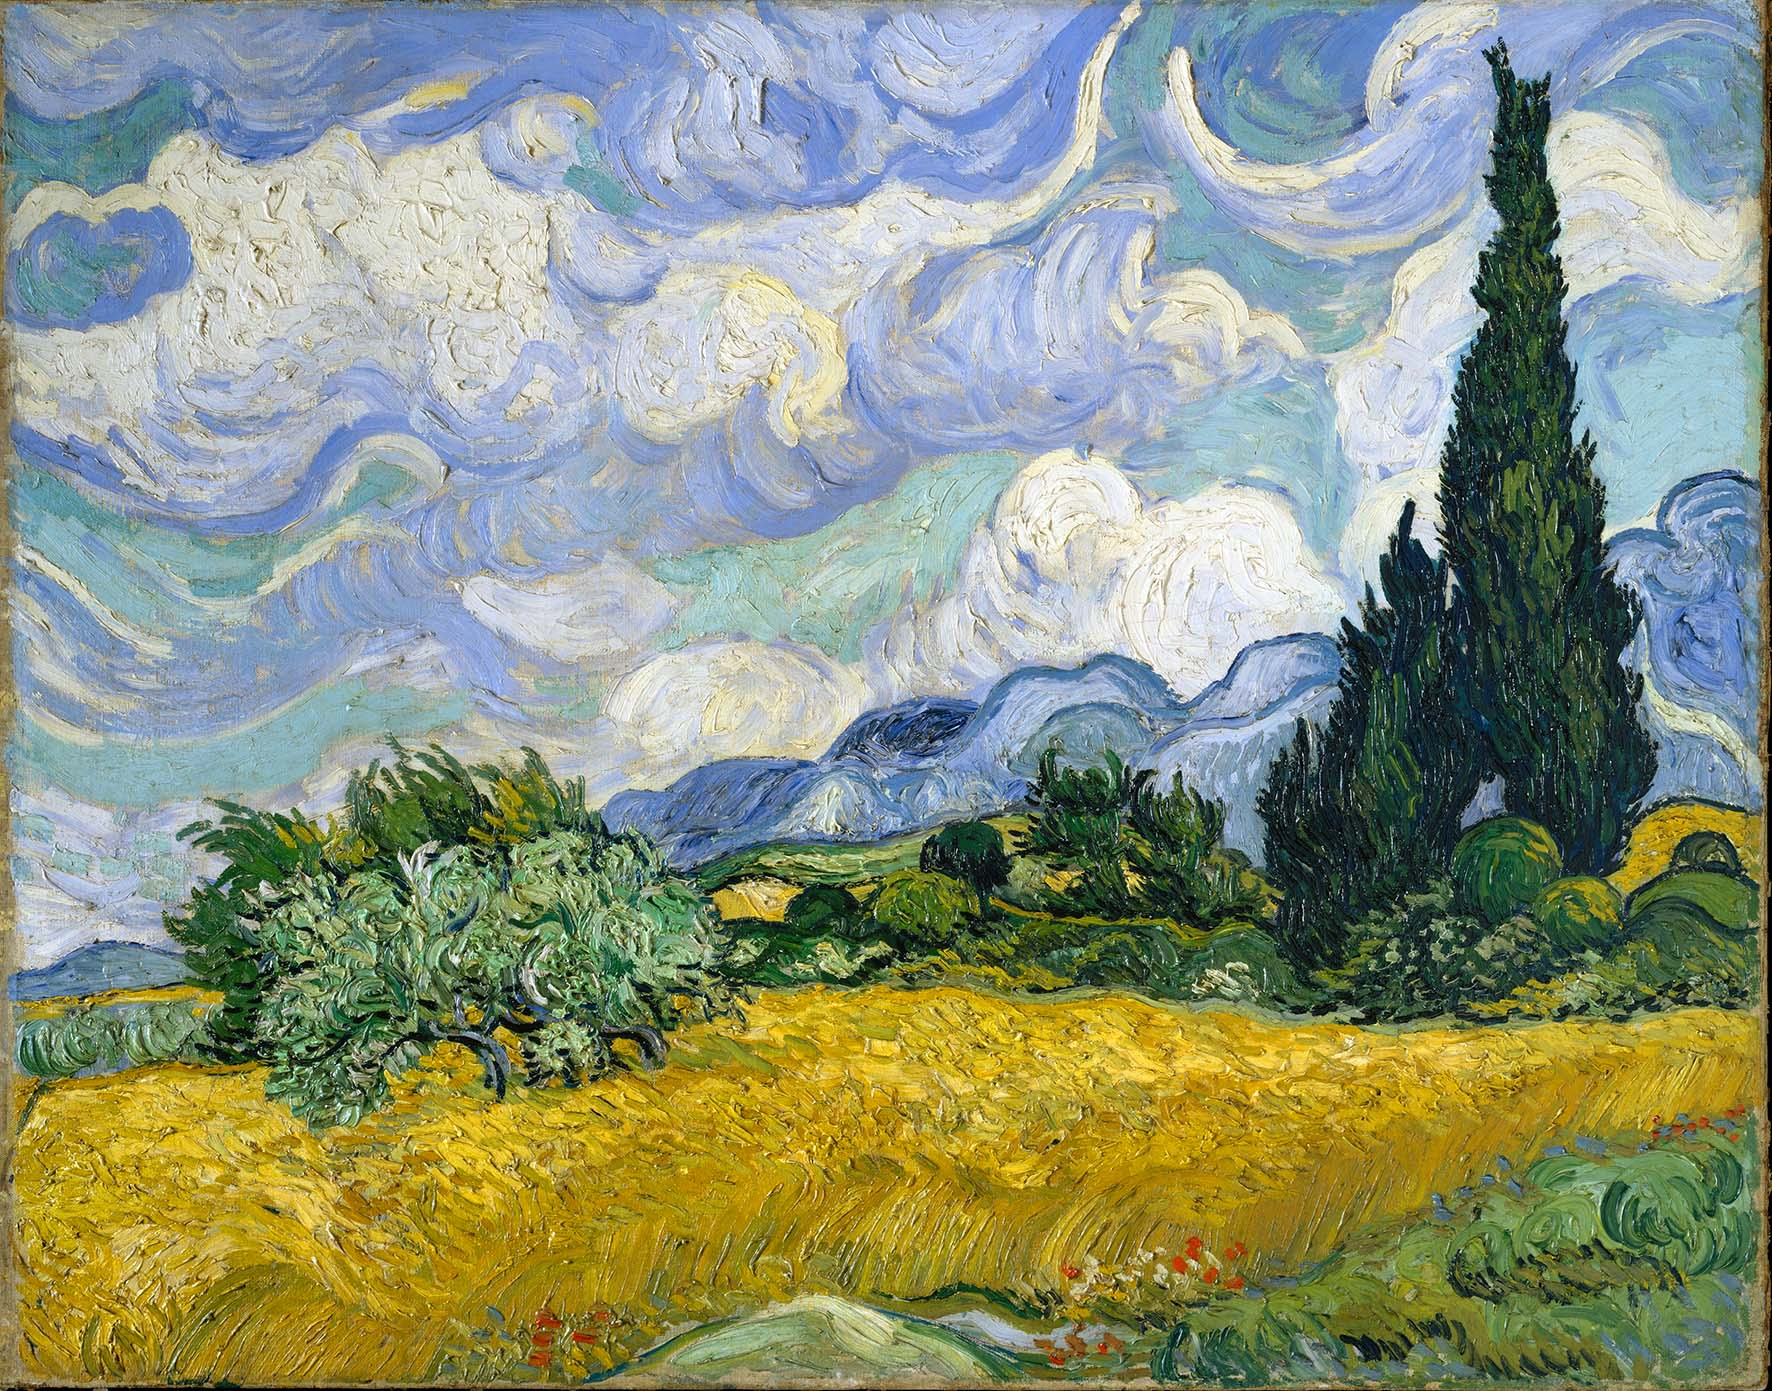 Quadri Da Colorare Di Van Gogh I Thunderman Da Colorare Girasoli Di